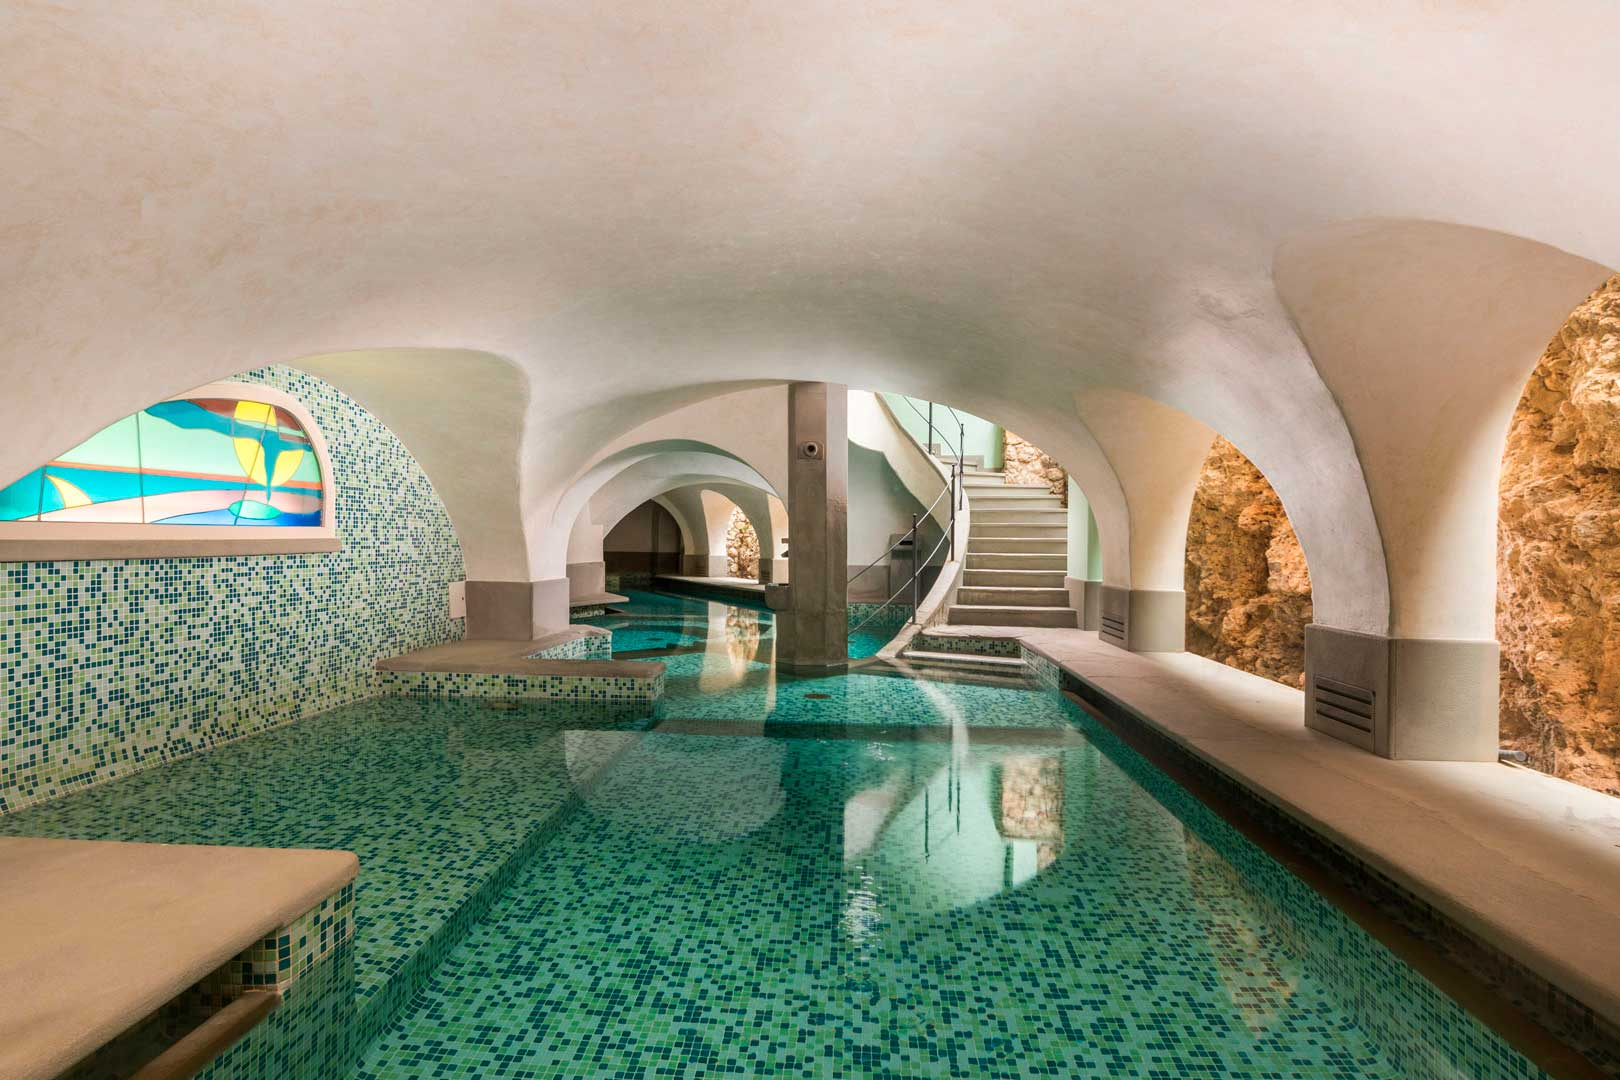 15-hotel-con-spa-per-un-weekend-romantico-vicino-milano-cappuccini-resort